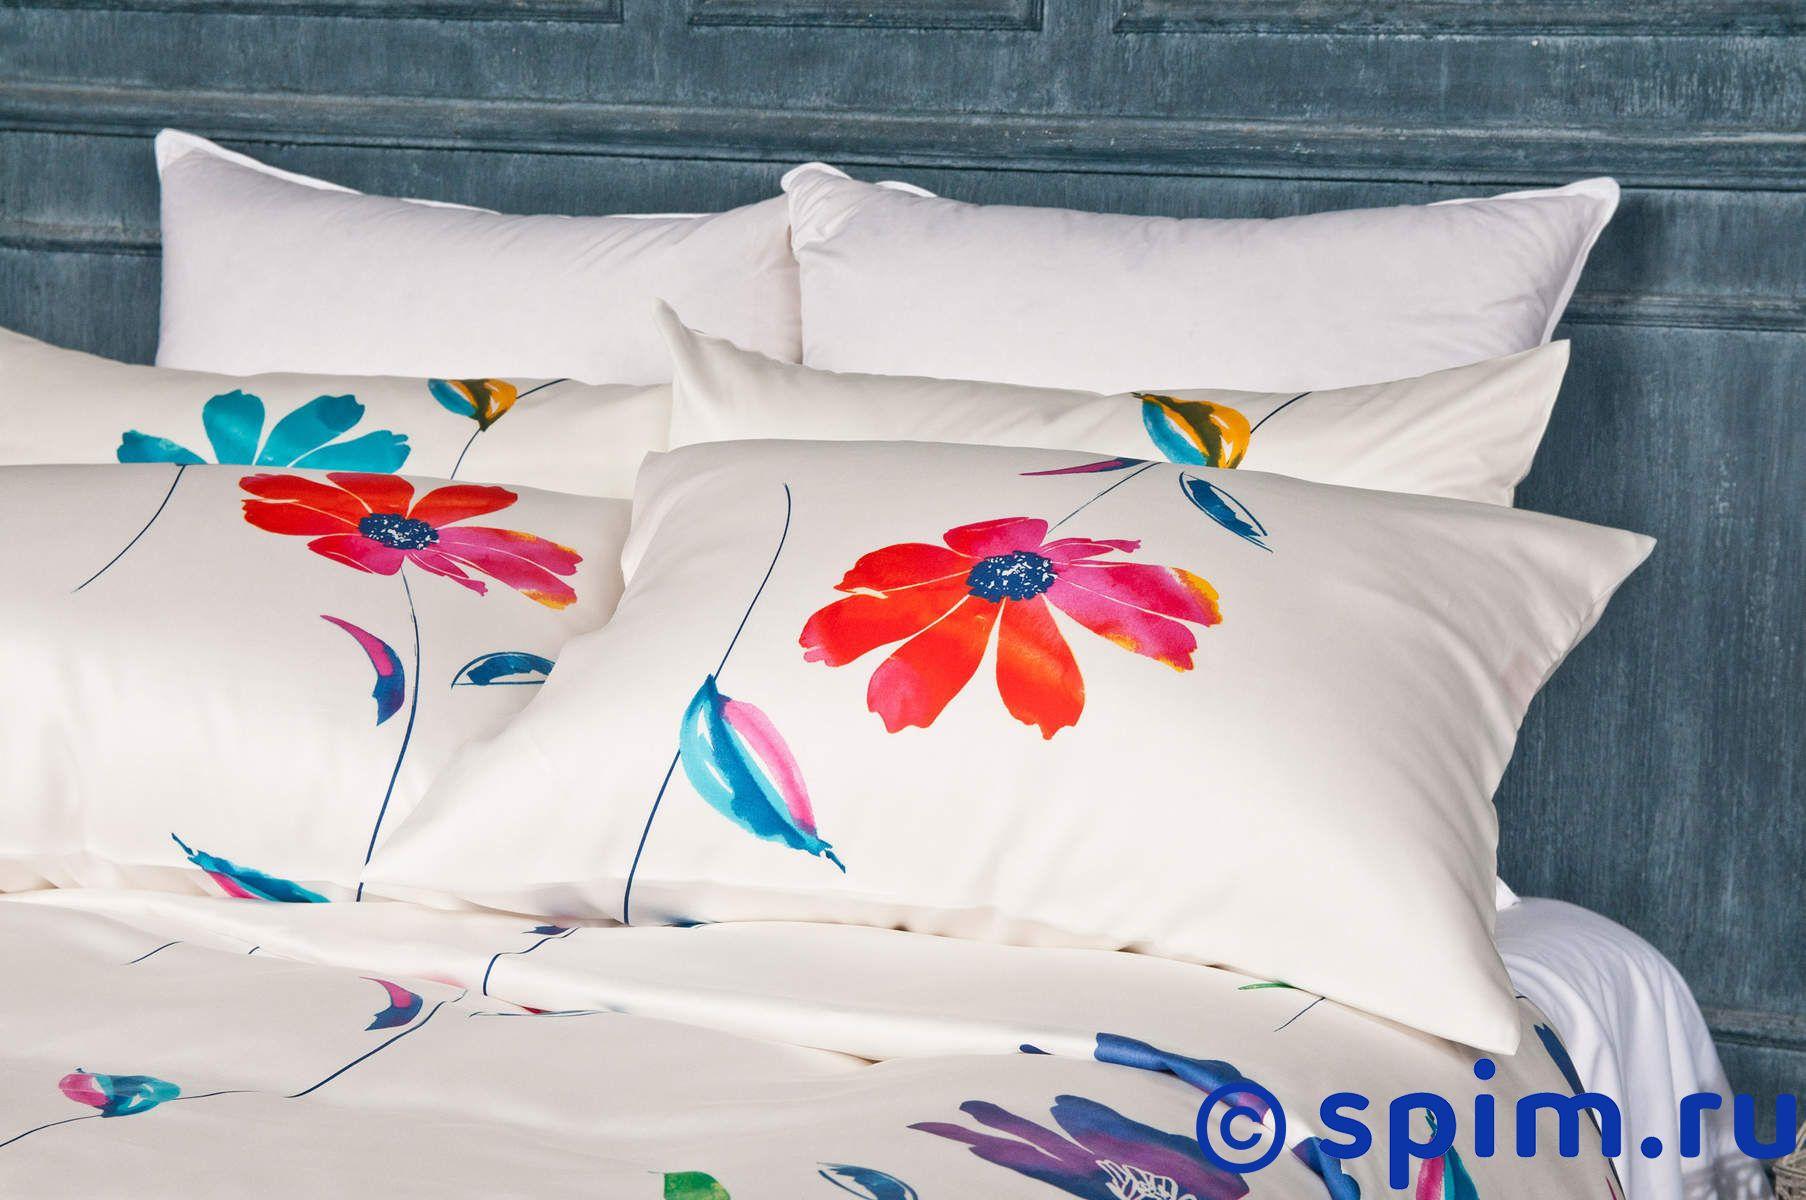 Постельное белье Johann Hefel Aquarellblumen 1.5 спальное постельное белье johann hefel uni евро стандарт